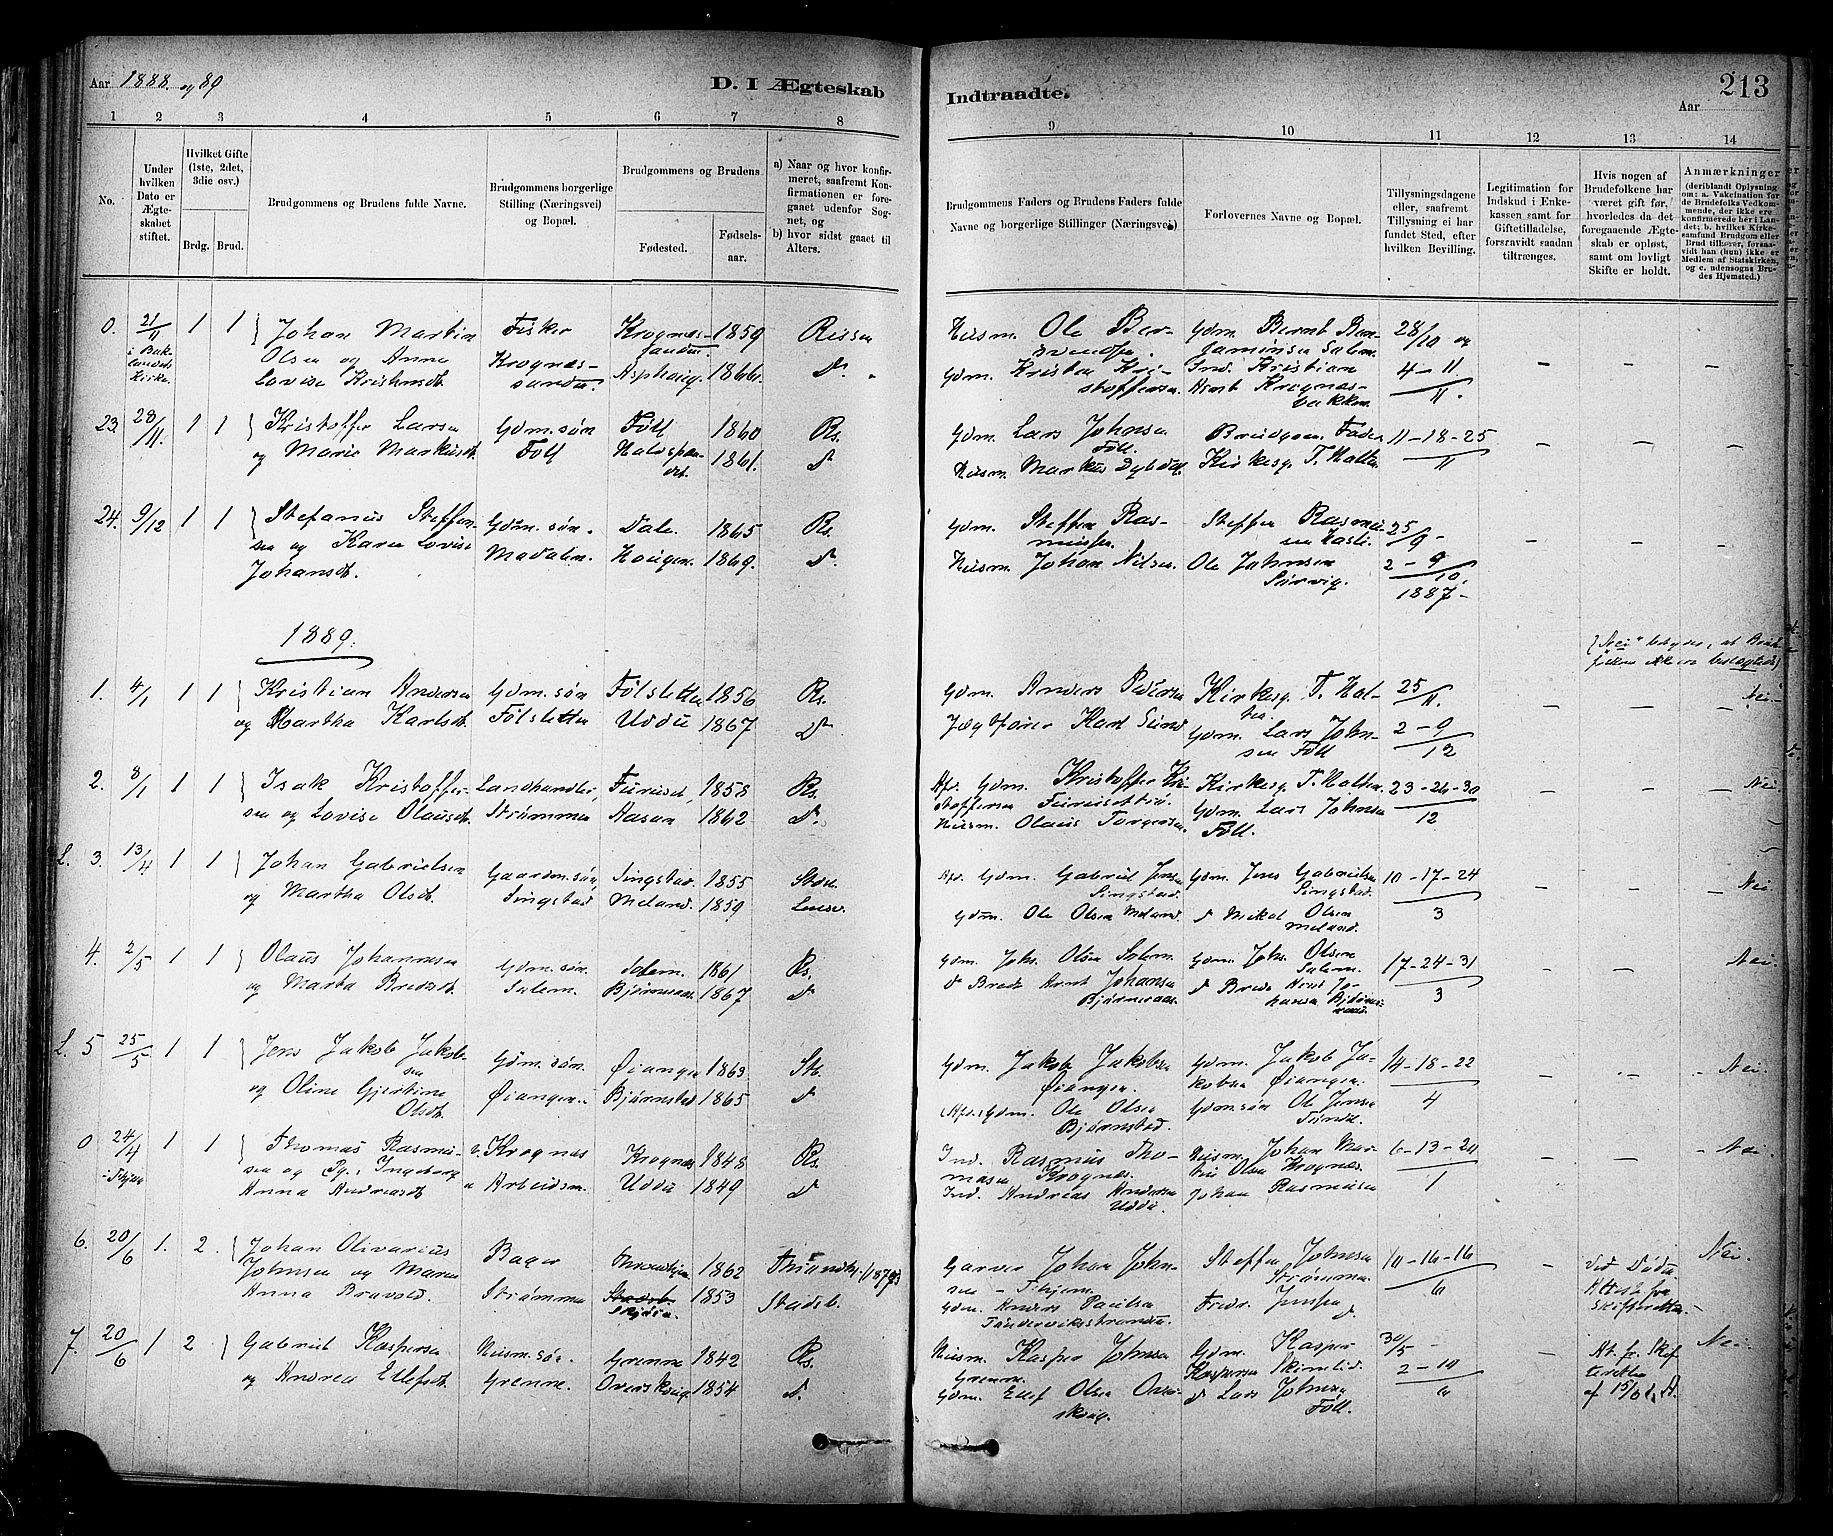 SAT, Ministerialprotokoller, klokkerbøker og fødselsregistre - Sør-Trøndelag, 647/L0634: Ministerialbok nr. 647A01, 1885-1896, s. 213